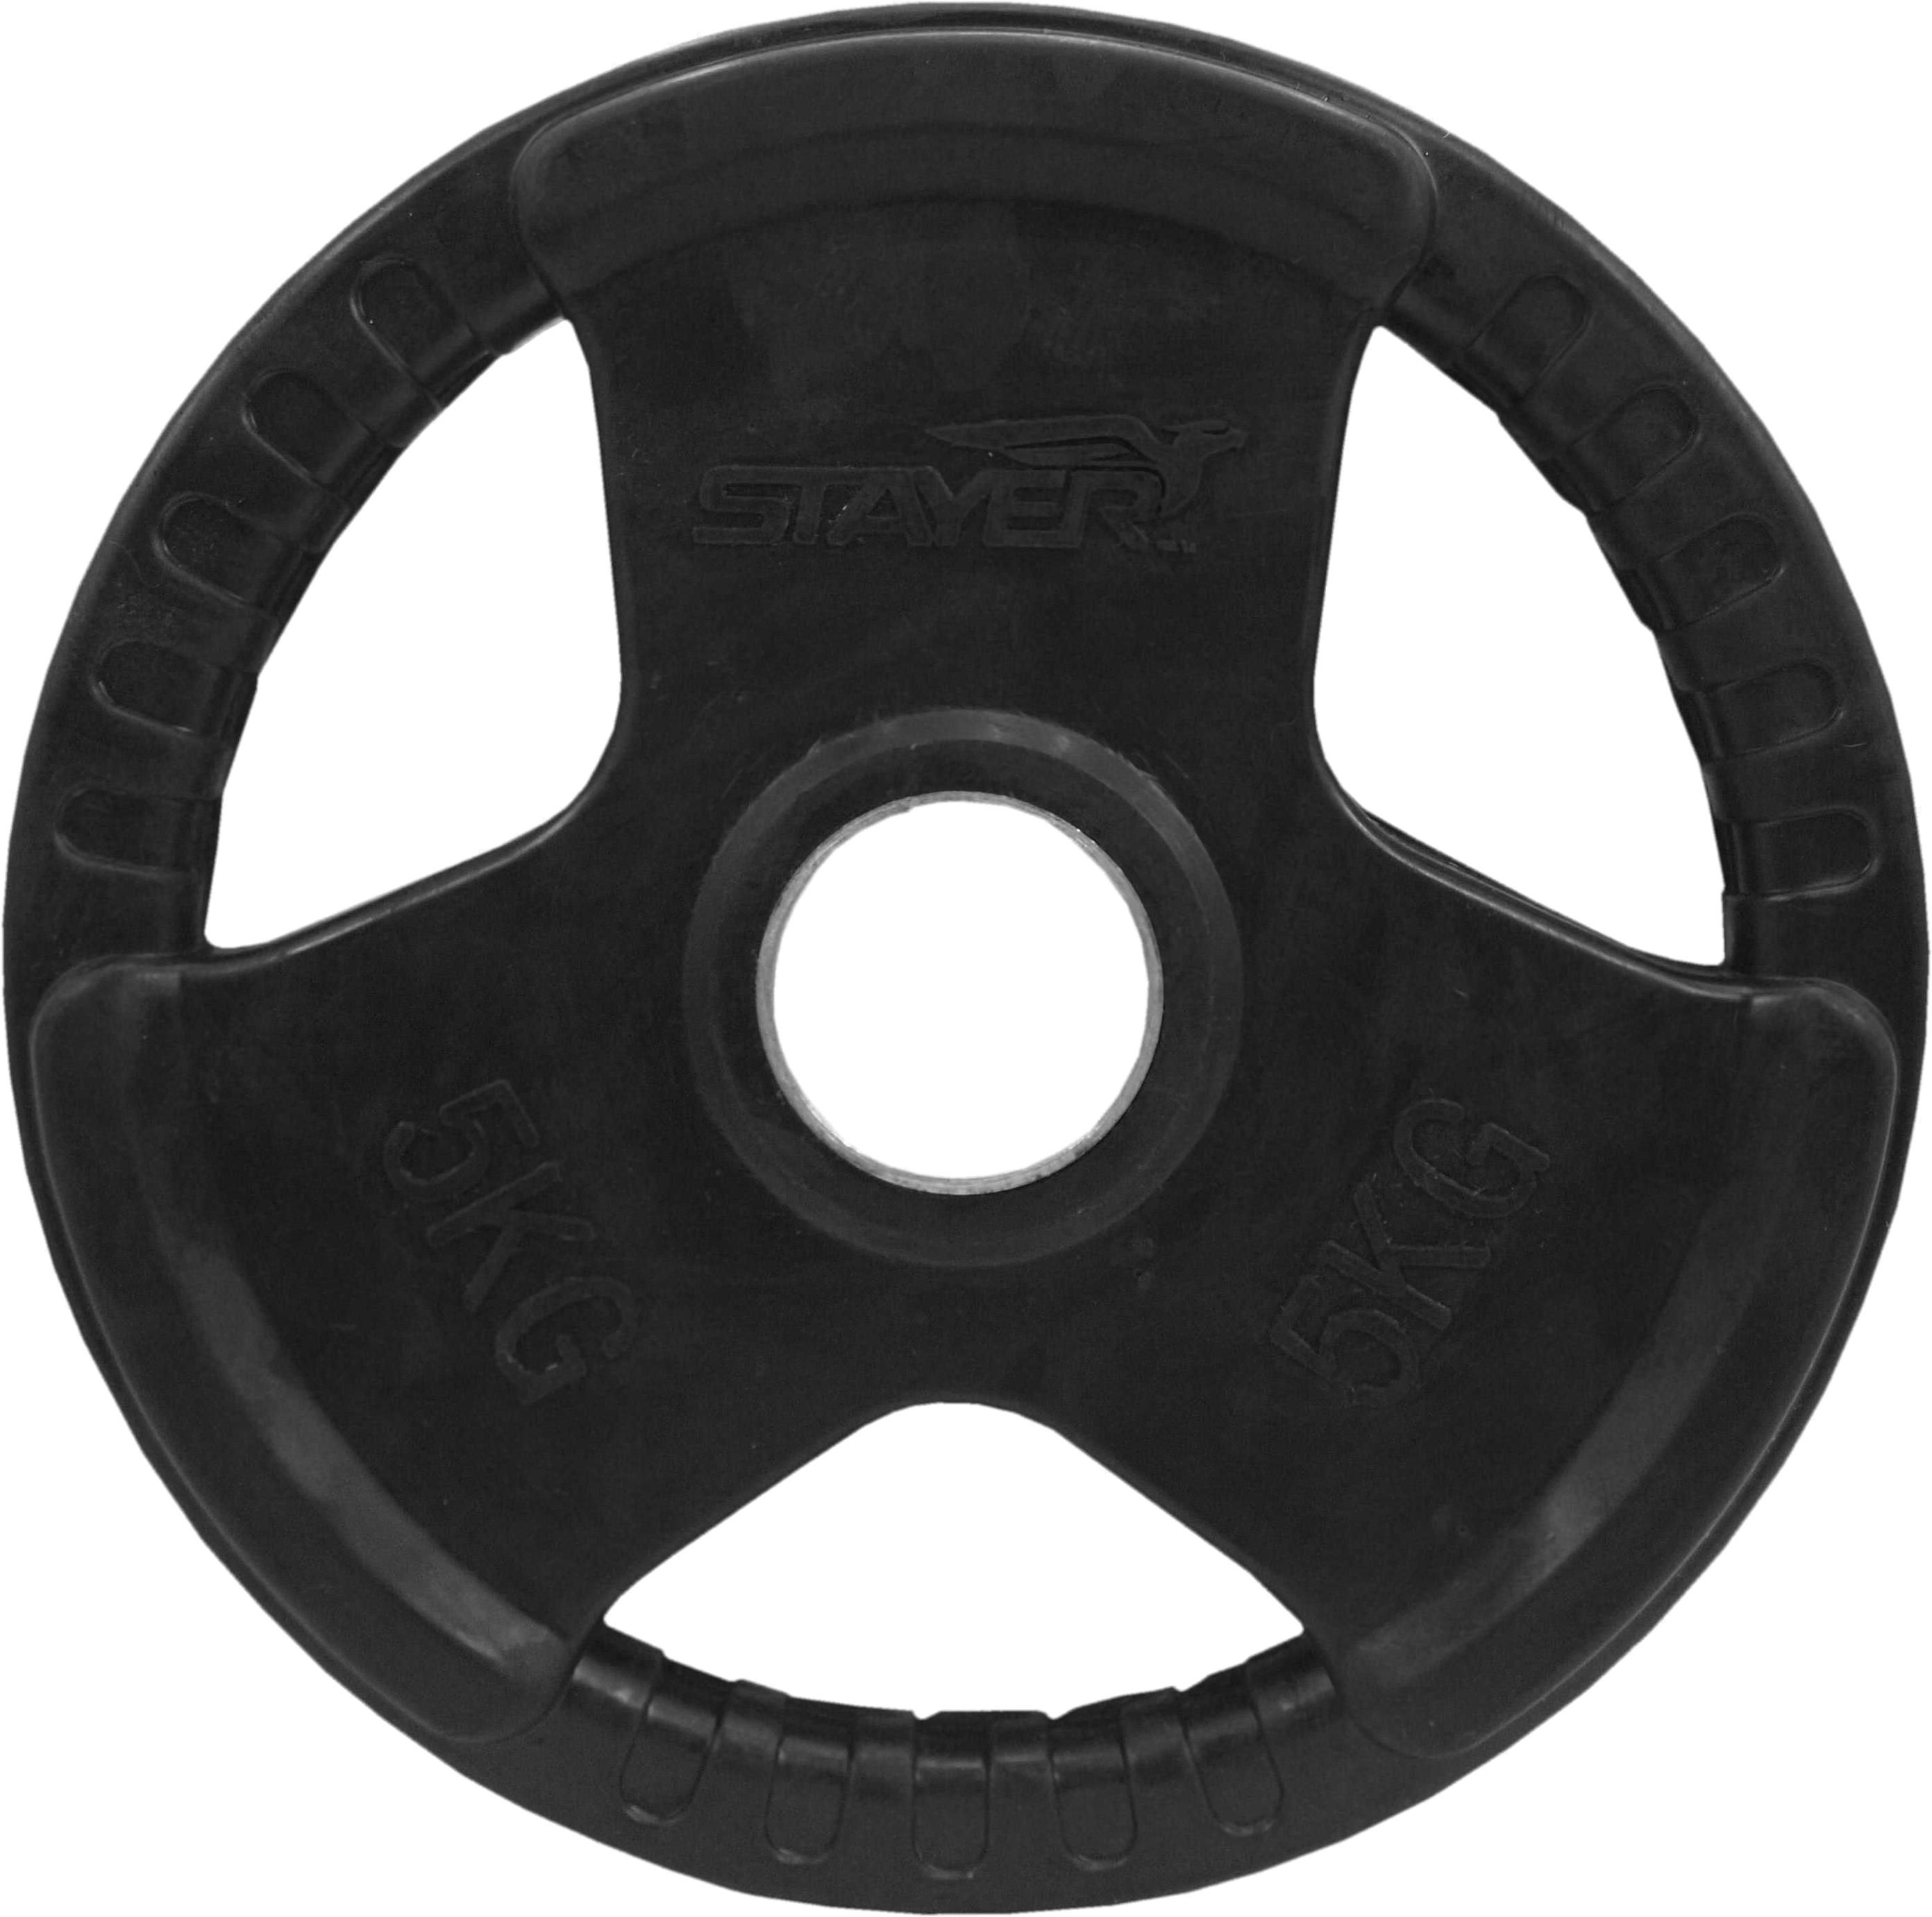 Obciążenie olimpijskie gumowane Stayer Sport NRB-3 | 5kg